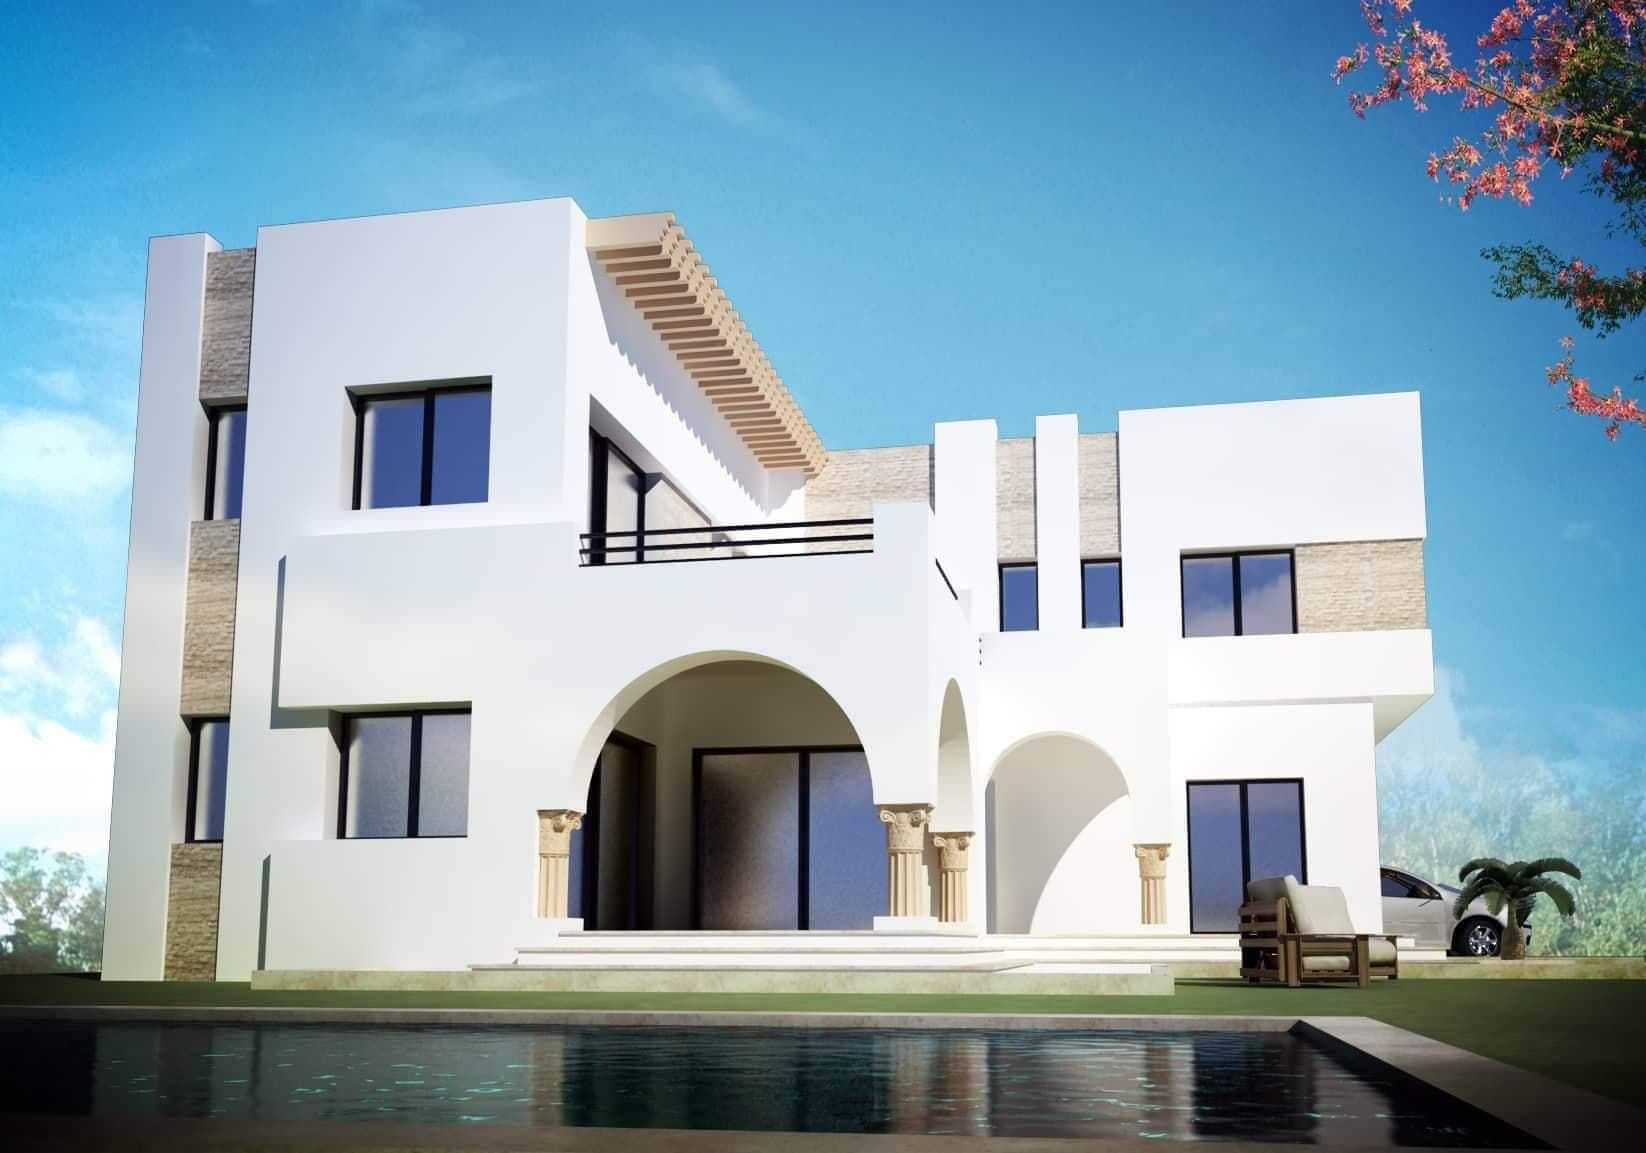 Villa brunella 1 réf:  hammamet une opportunité